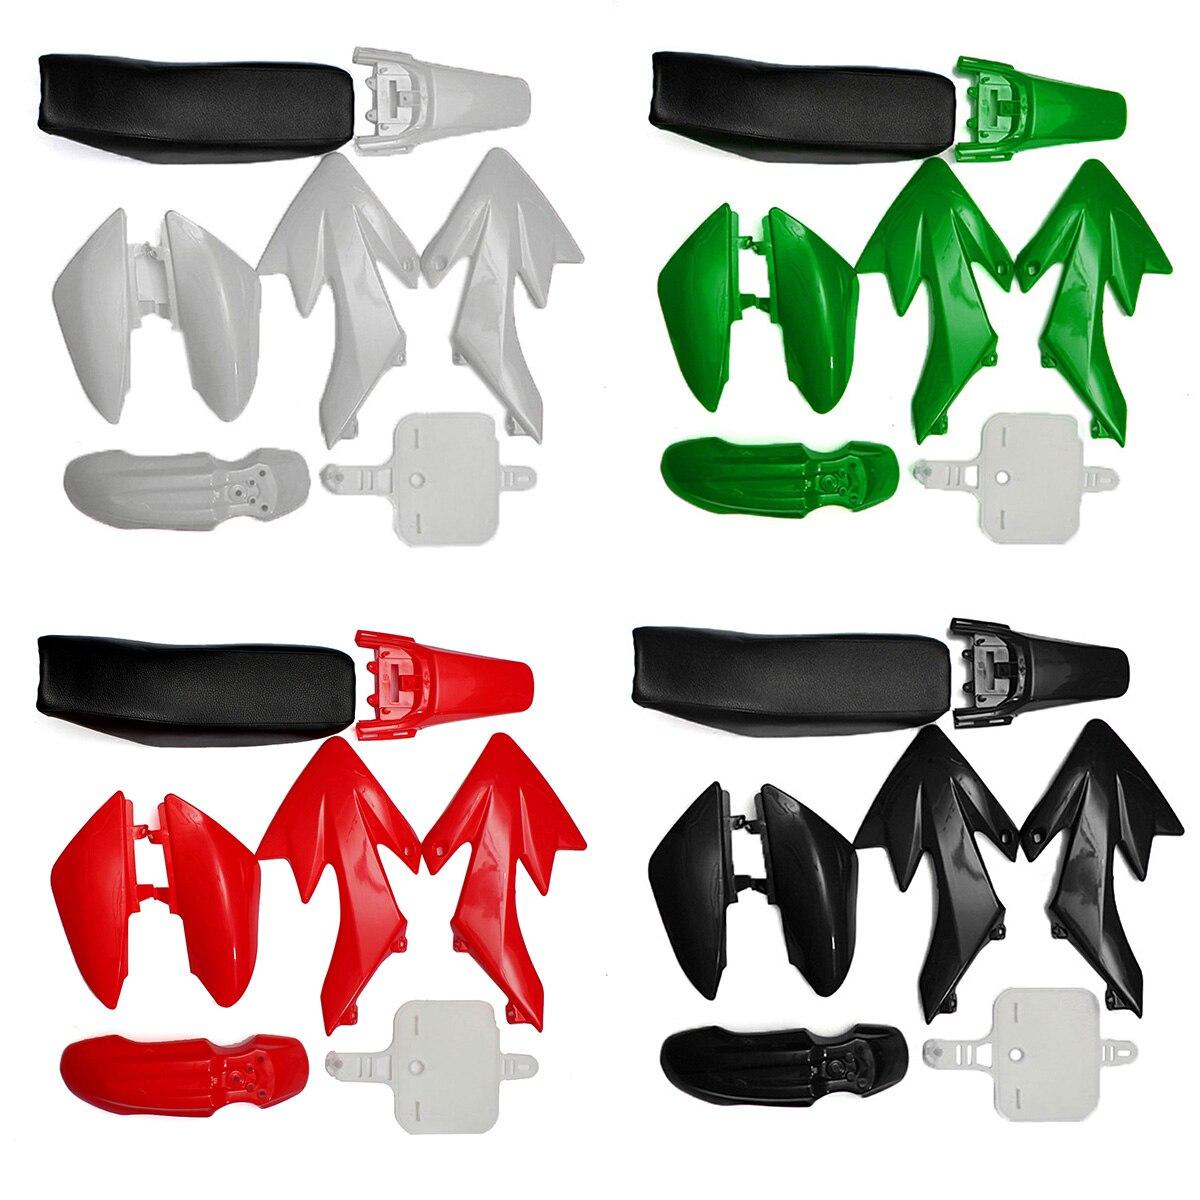 4 Color 50cc 110cc 125cc 140cc Plastic 4-Stroke CRF50 Pit Bike Set Mudguard Seat flat seat plastic fenders mud guard kits for crf 50 xr 50 sdg ssr 110cc 125cc 140cc 150cc pit pro bike fit trai thumpstar